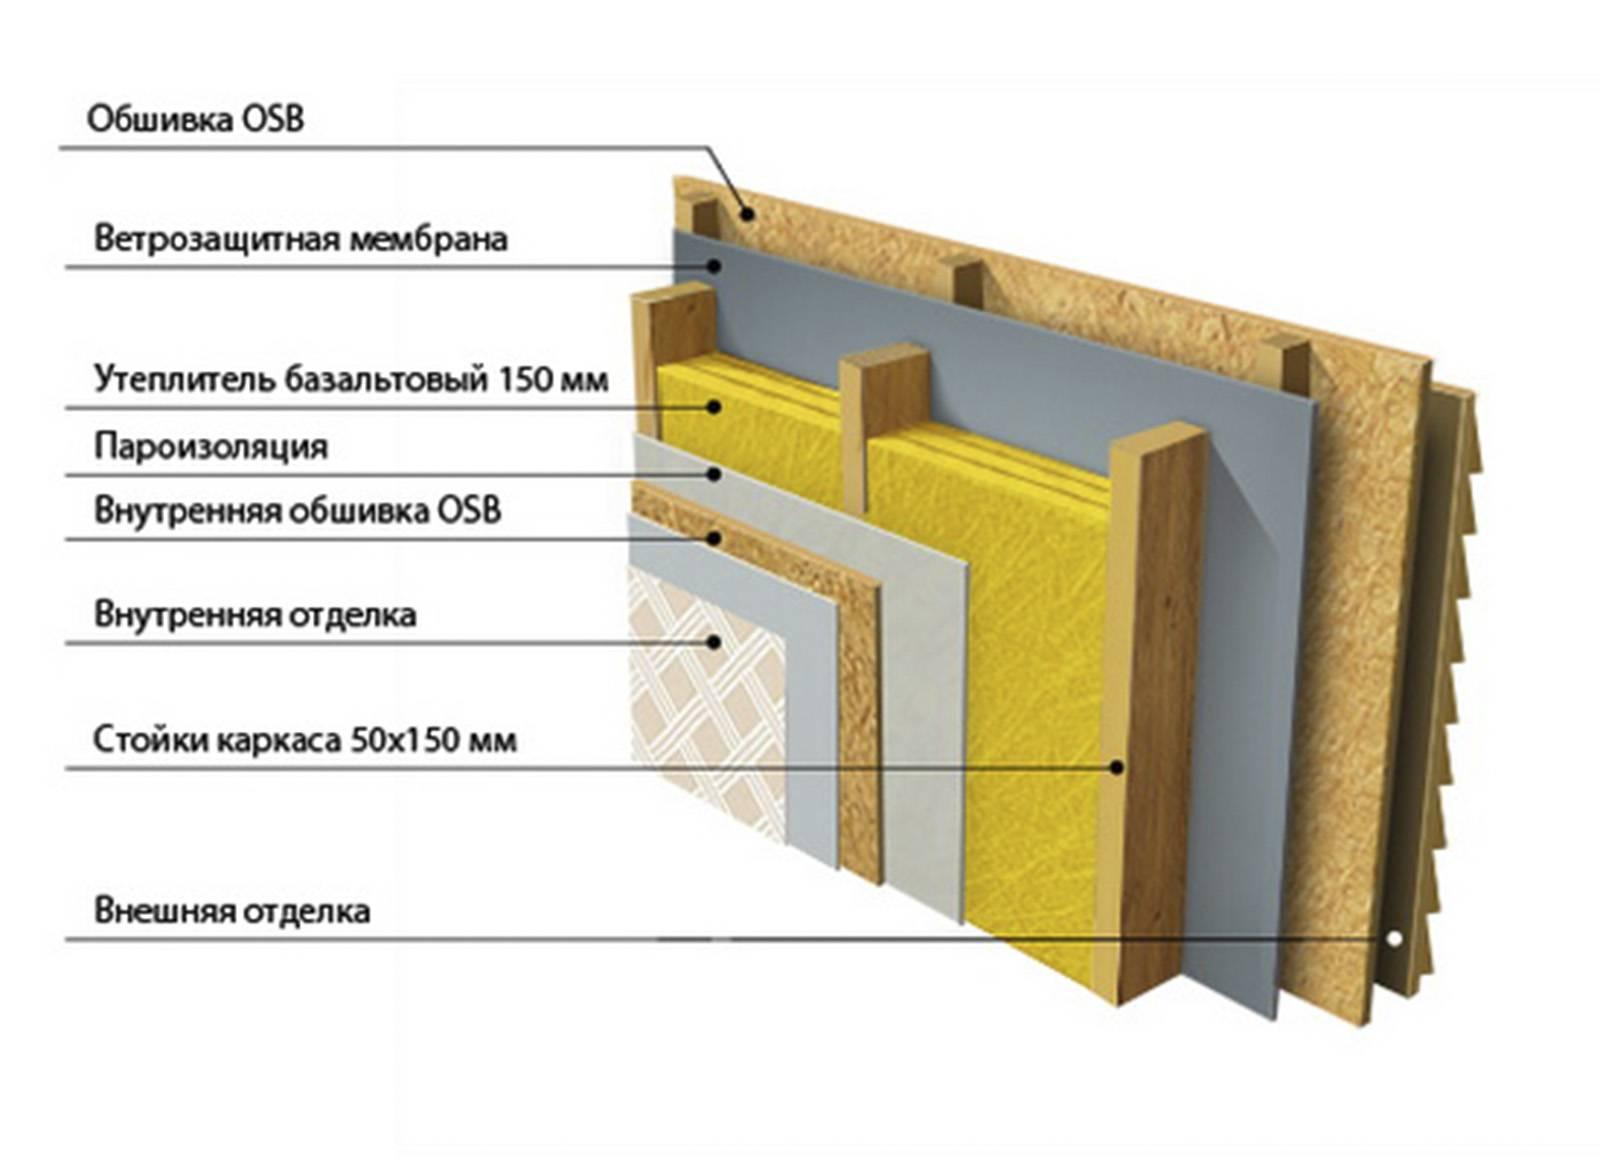 Монтаж плит osb — особенности укладки на деревянное и бетонное основание